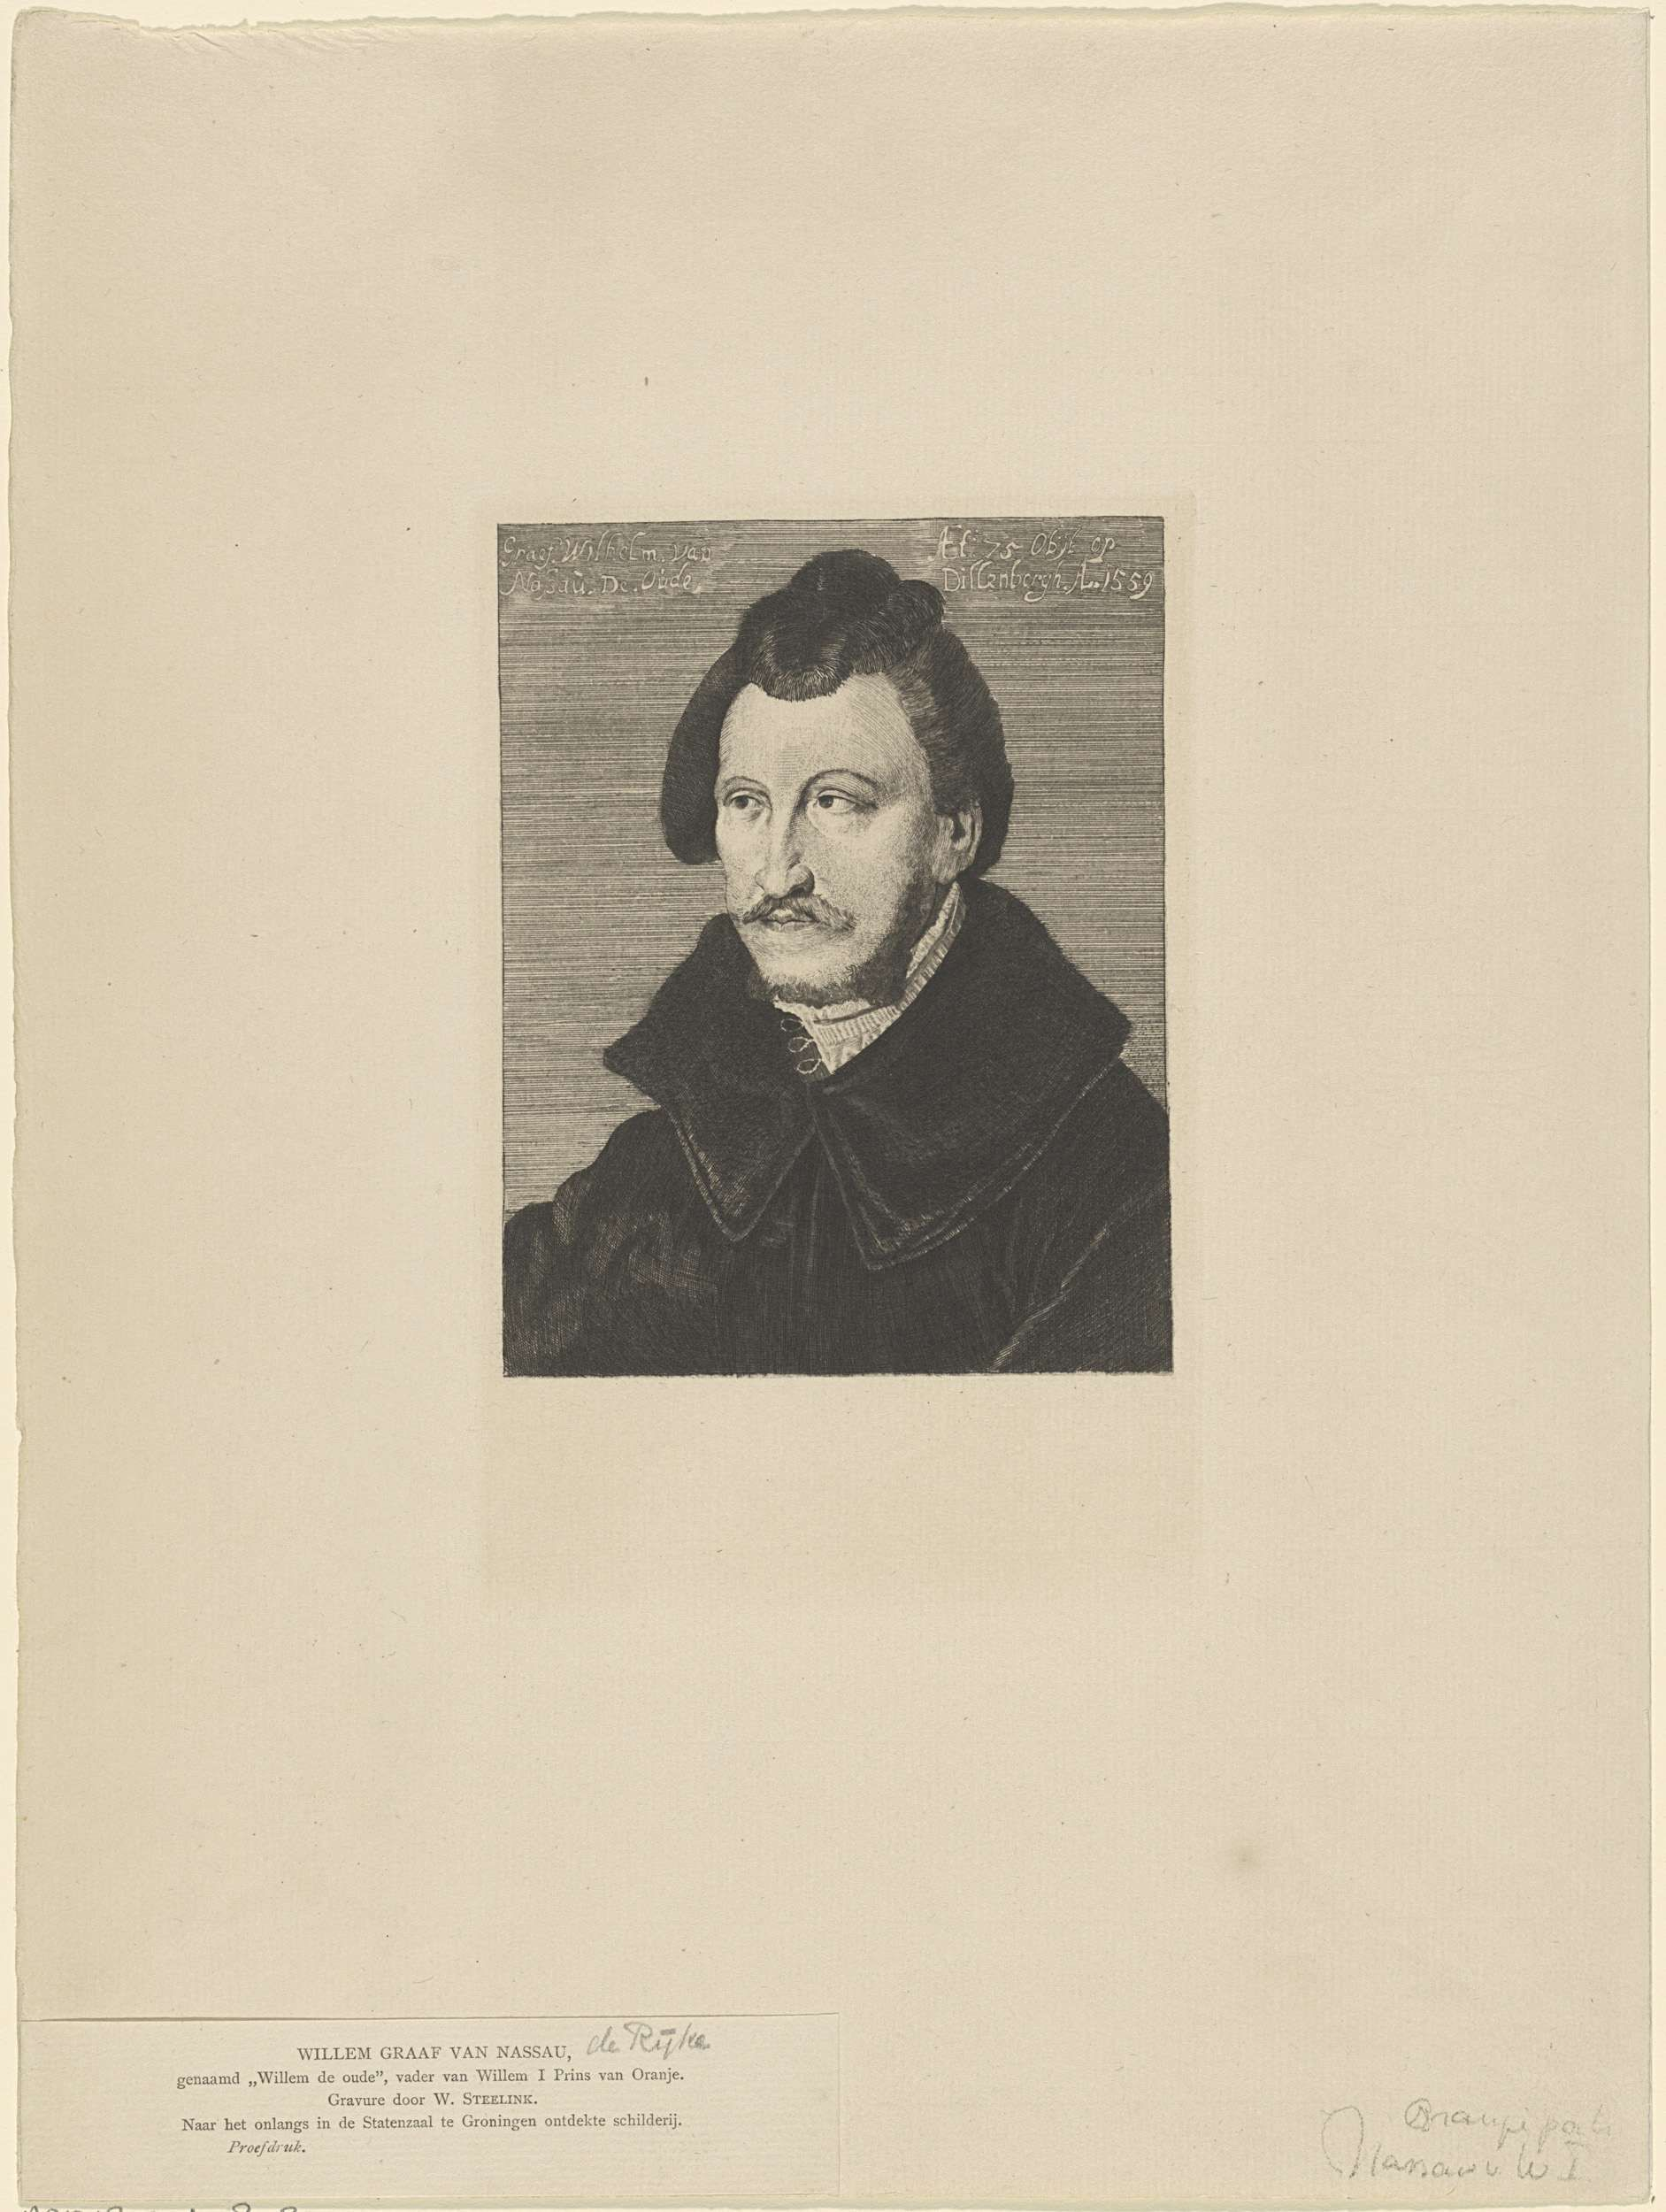 Willem Steelink (I)   Portret van Willem I, graaf van Nassau-Dillenburg, Willem Steelink (I), Anonymous, c. 1841 - 1913   Portret van Willem I. Linksboven zijn naam en titels. Rechtsboven zijn sterfplaats en sterfjaar.